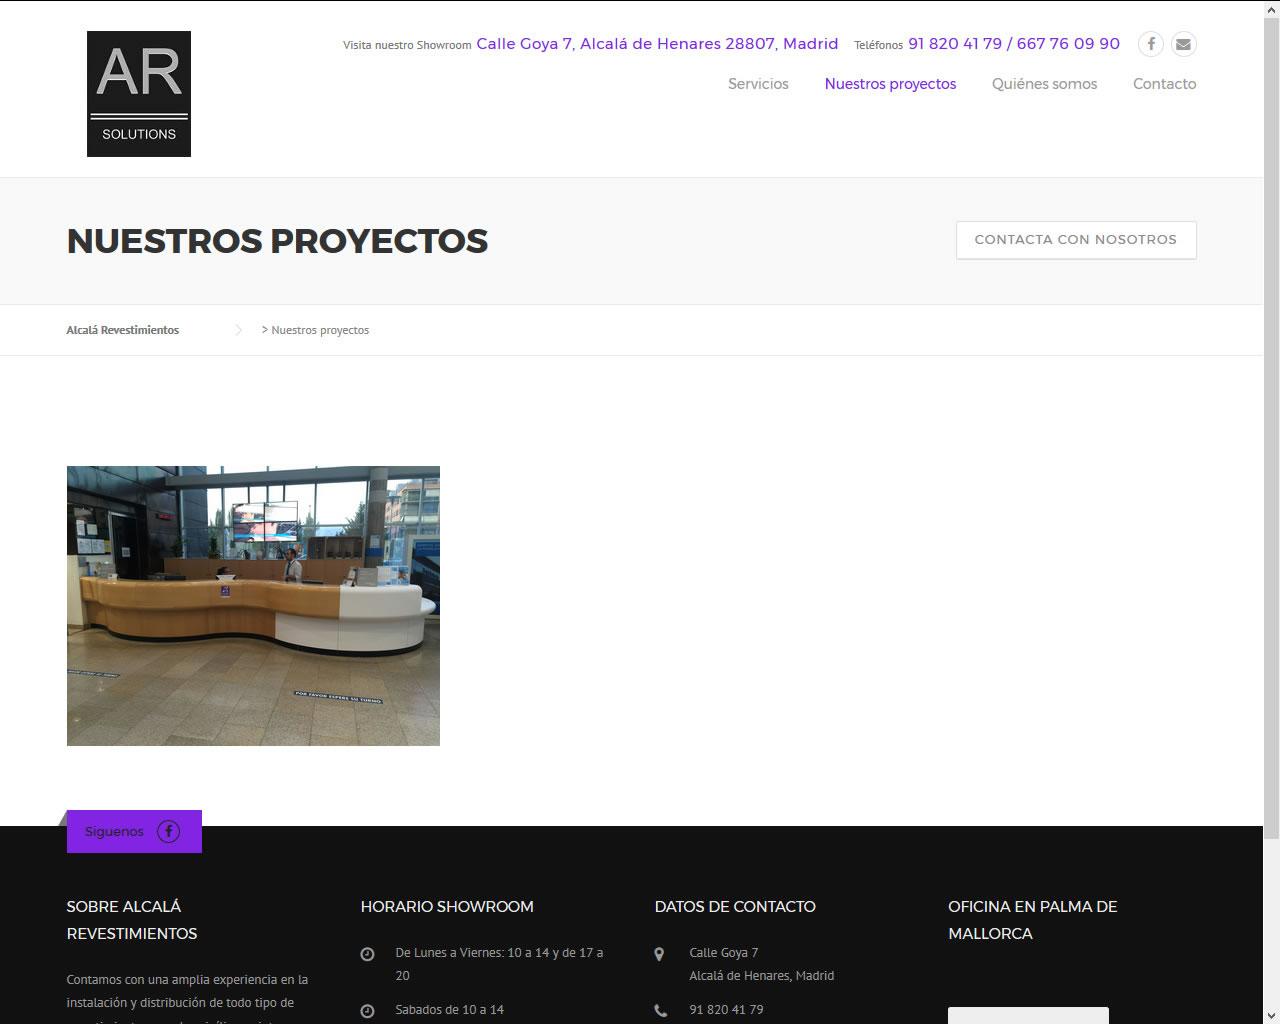 Proyectos - Alcalá Revestimientos